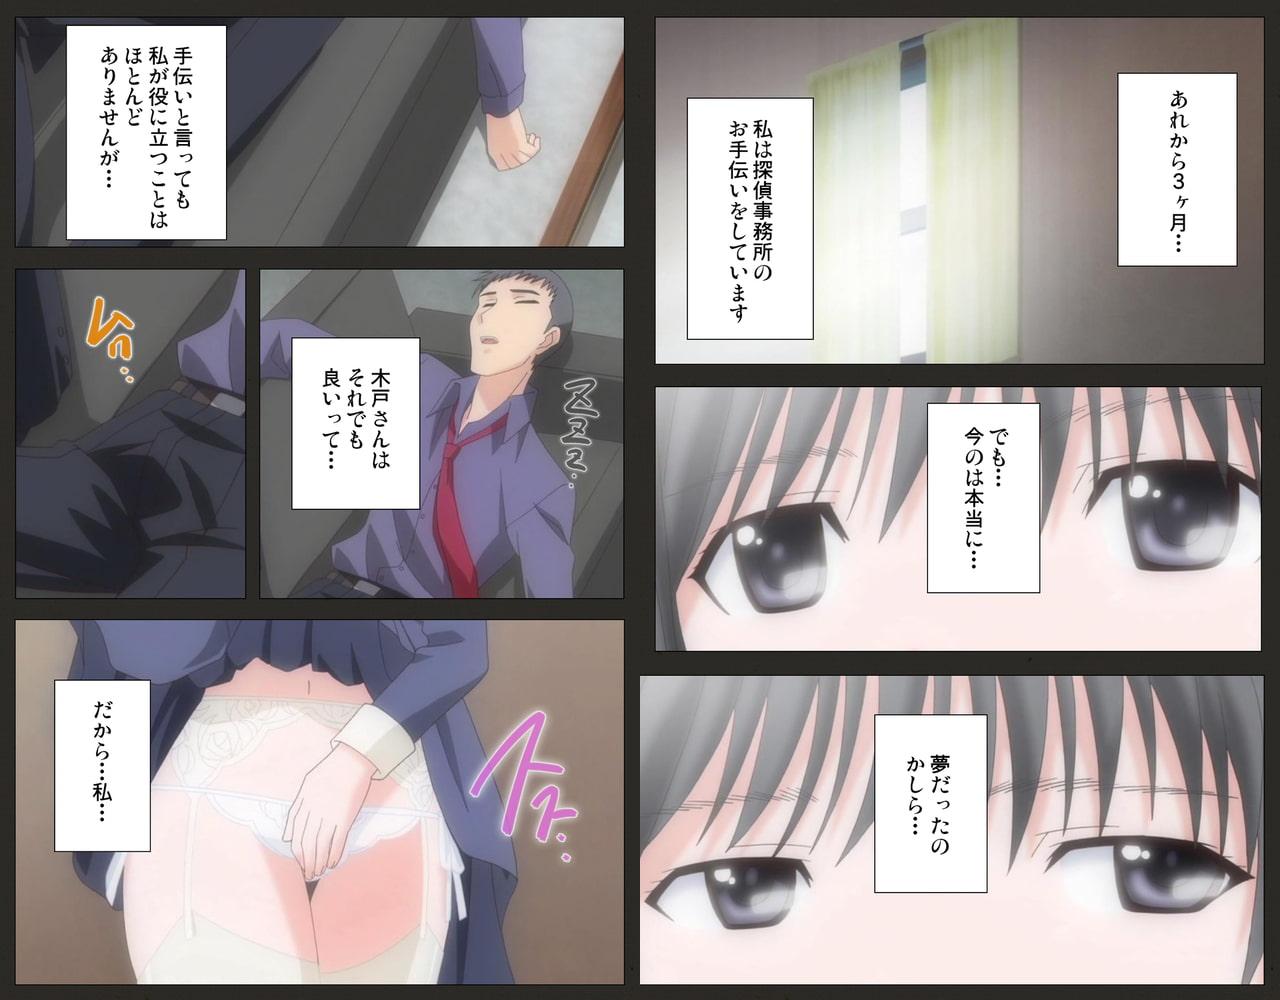 【フルカラー成人版】真章 幻夢館 Epilogue 1 夢と告白